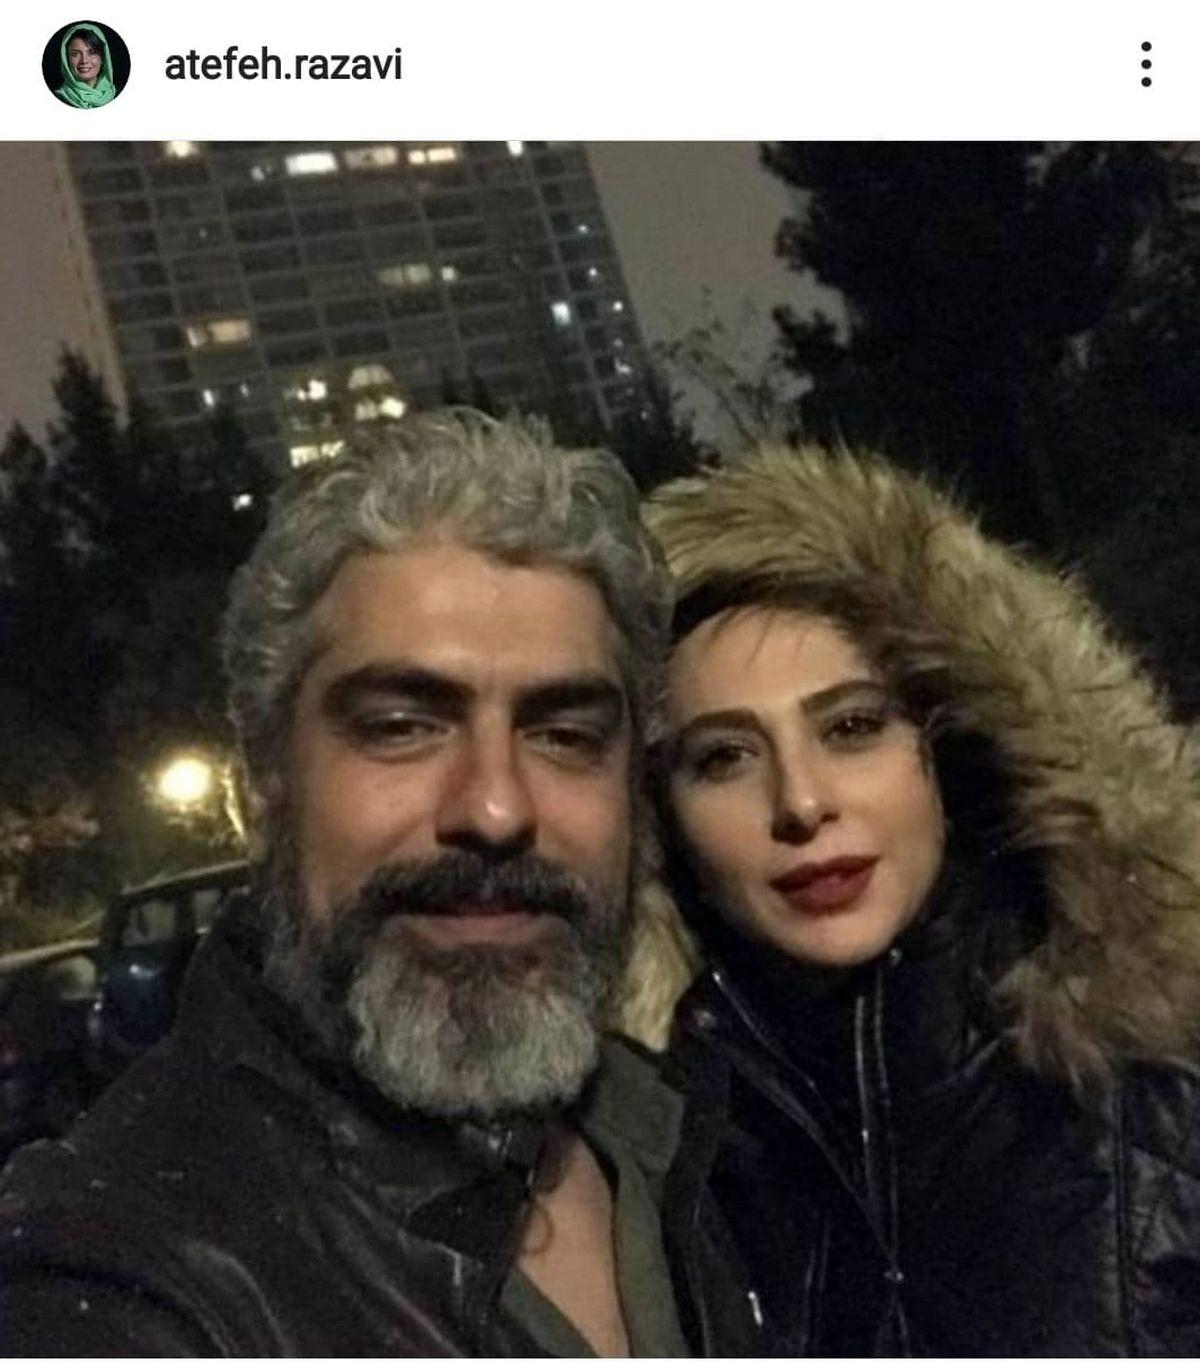 هواپیمای شخصی مهدی پاکدل سوژه شد + عکس